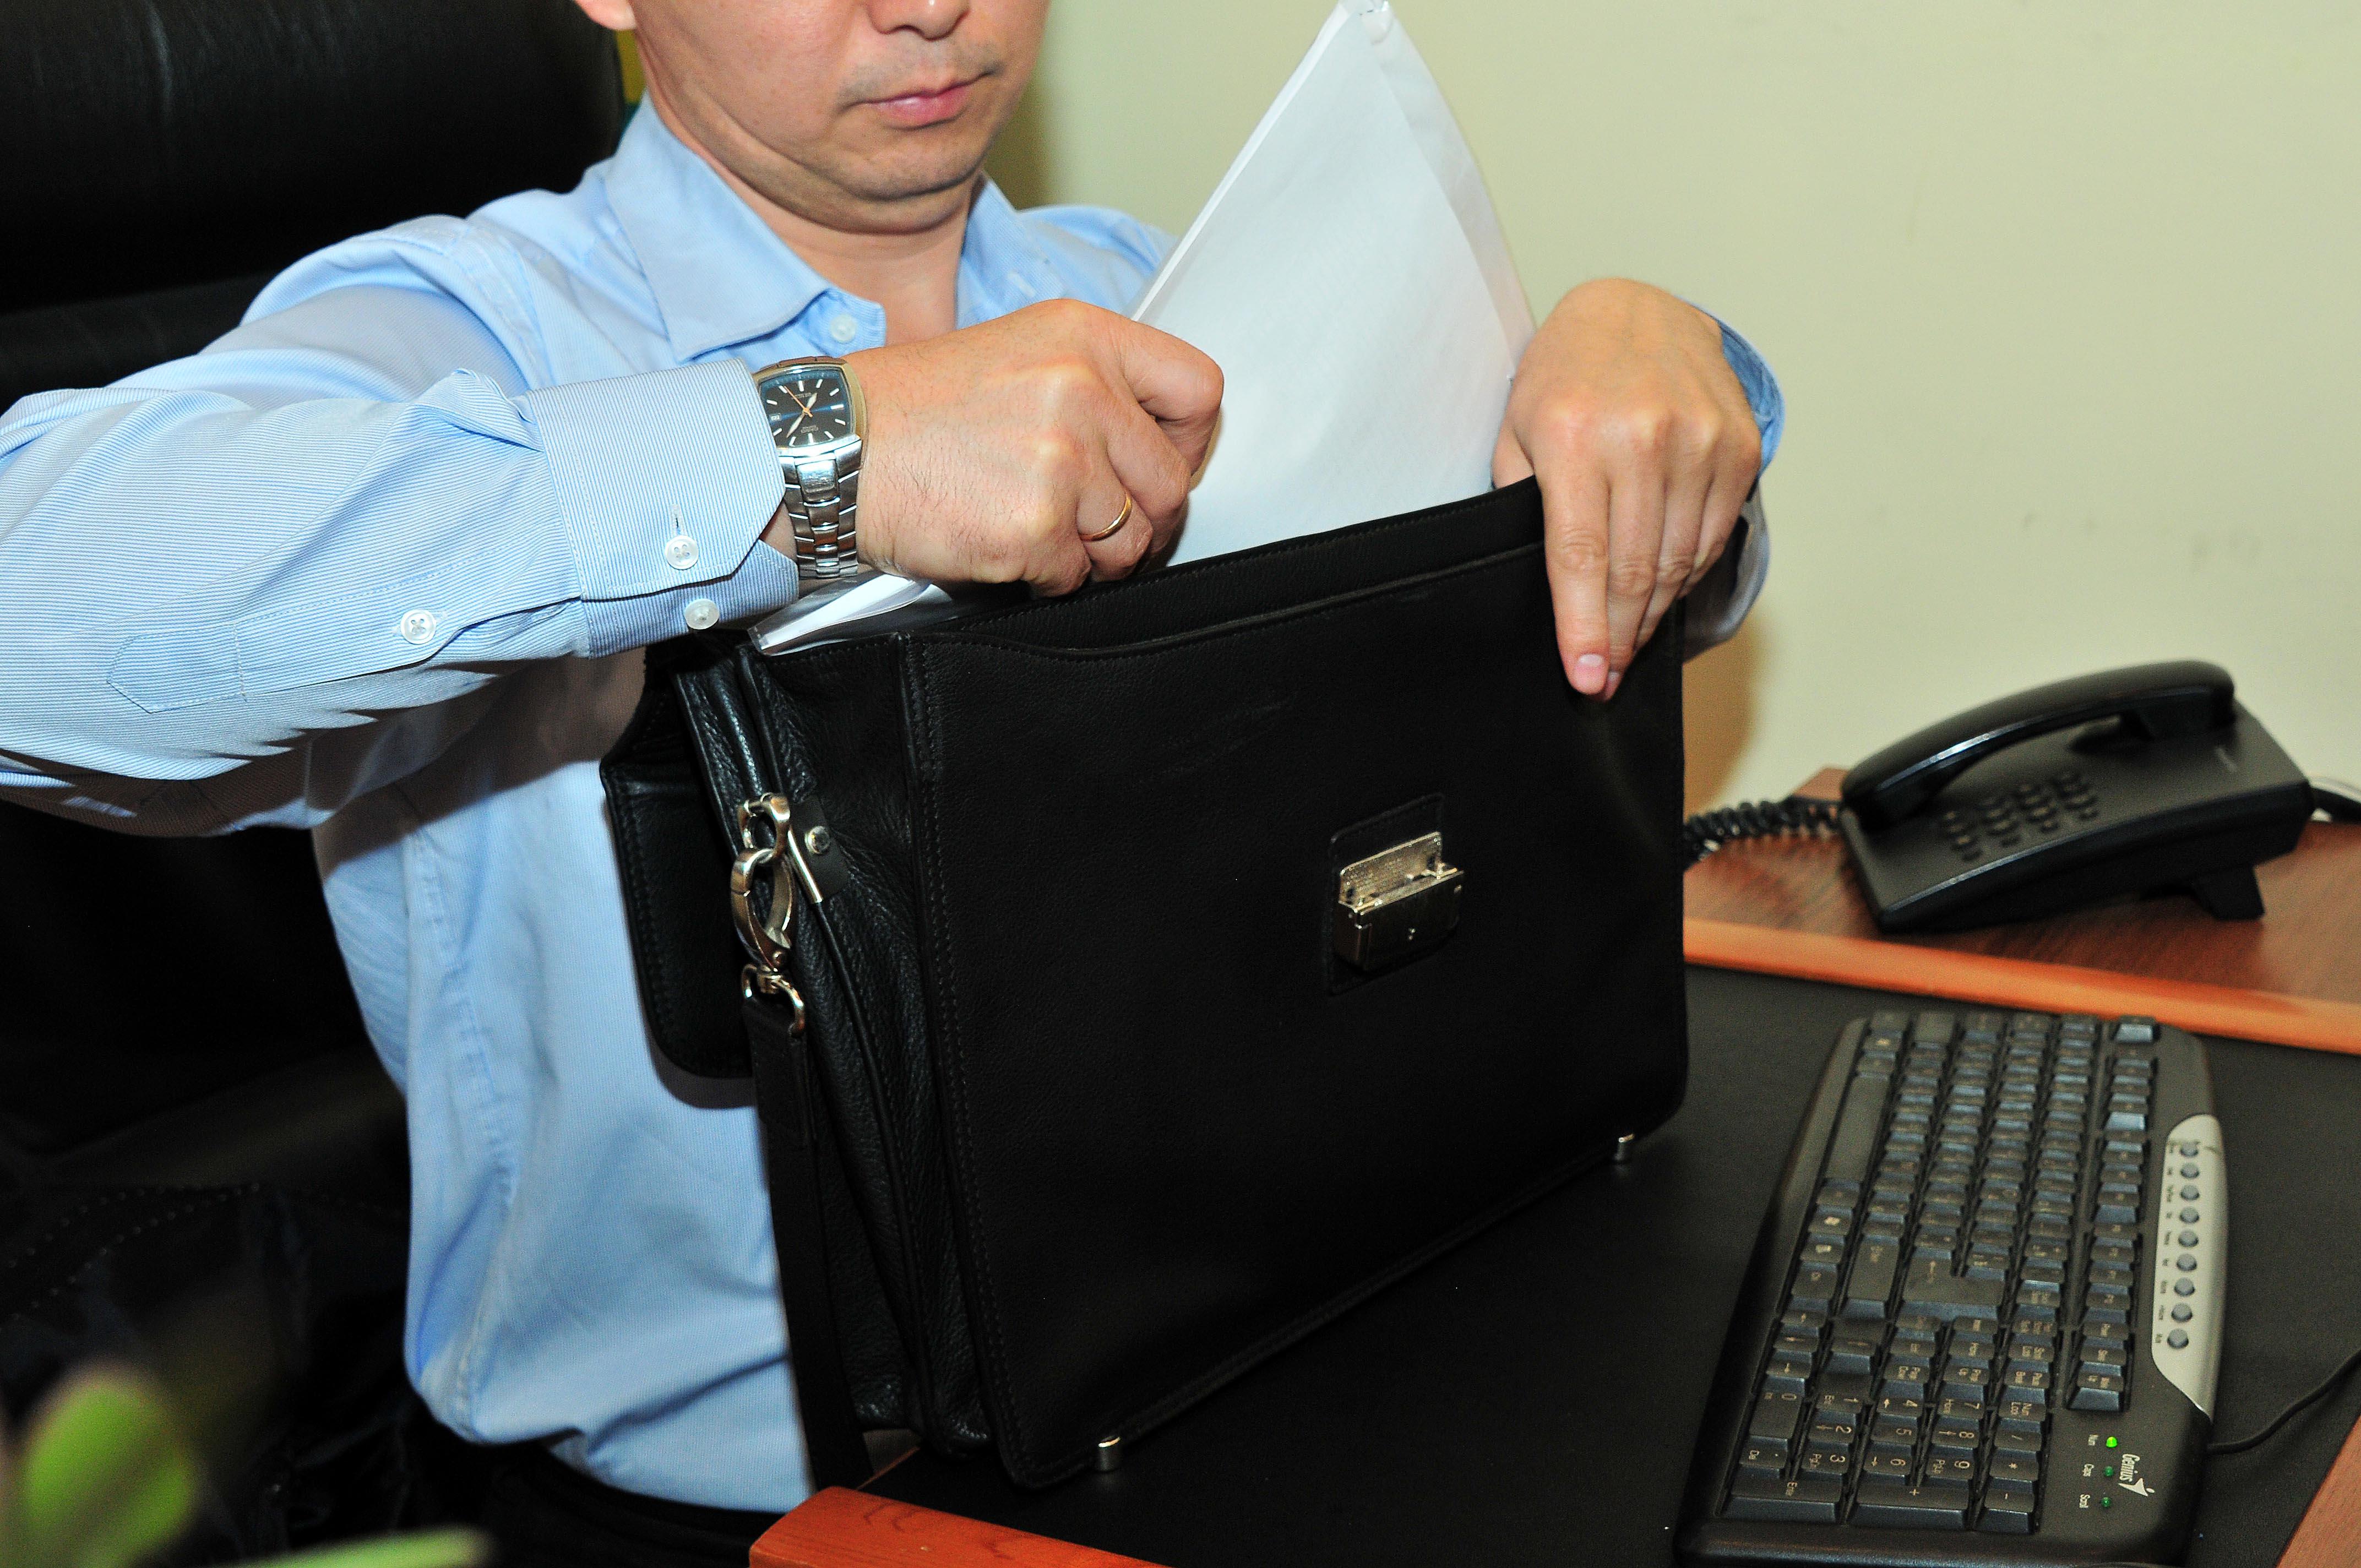 После восьмичасового рабочего дня в госорганах РК намерены внедрить автоматическое отключение компьютеров